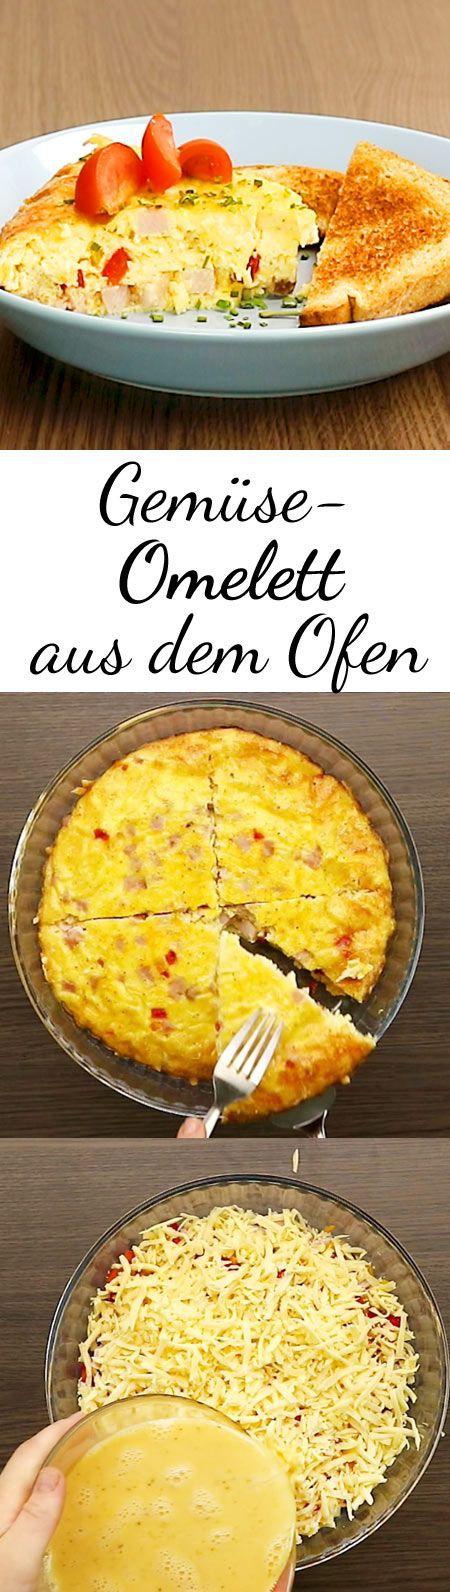 Bei diesem Sattmacher-Omelett kommen alle Zutaten in den Ofen und 30 Minuten später ist das herzhafte Gericht auf dem Tisch.